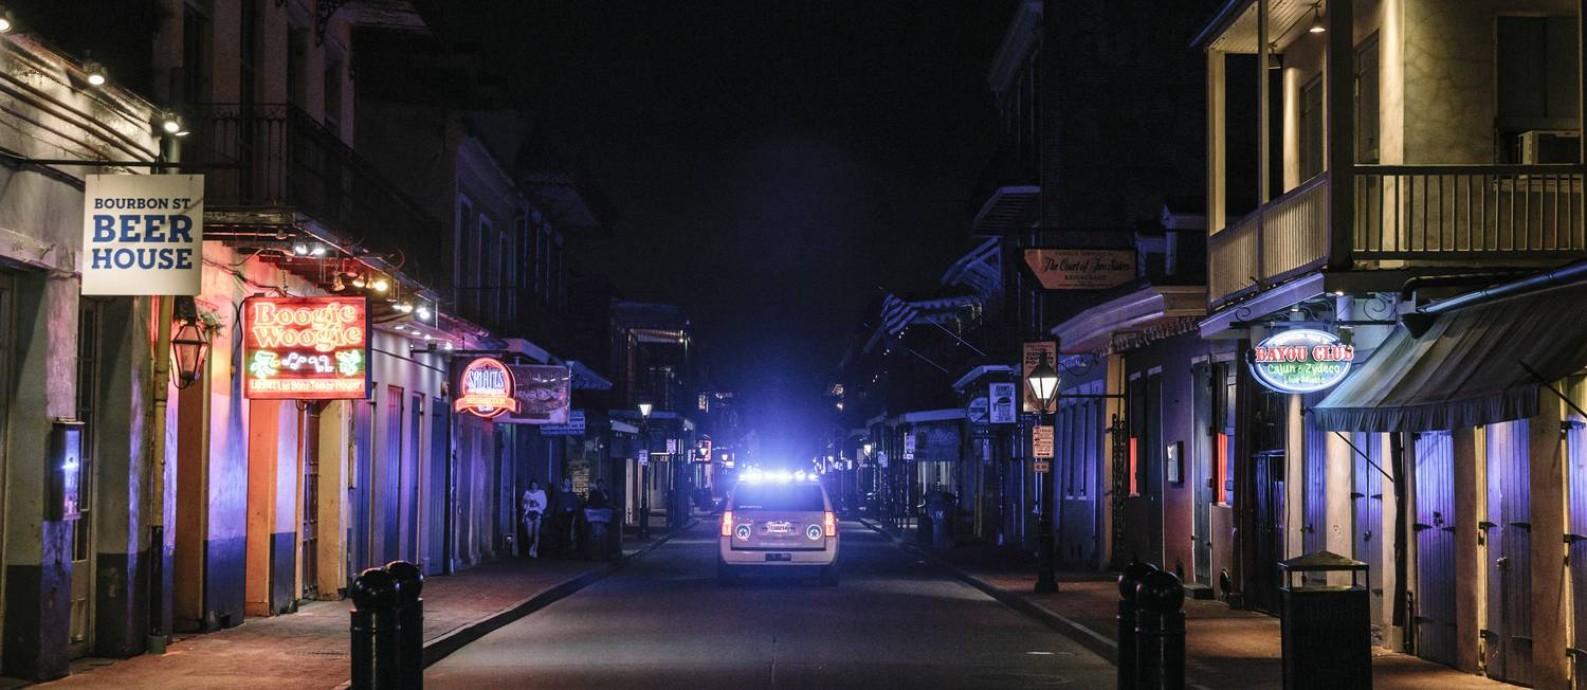 Bourbon Street, tradicional rua de New Orleans, deserta em meio à pandemia de coronavírus Foto: WILLIAM WIDMER / NYT